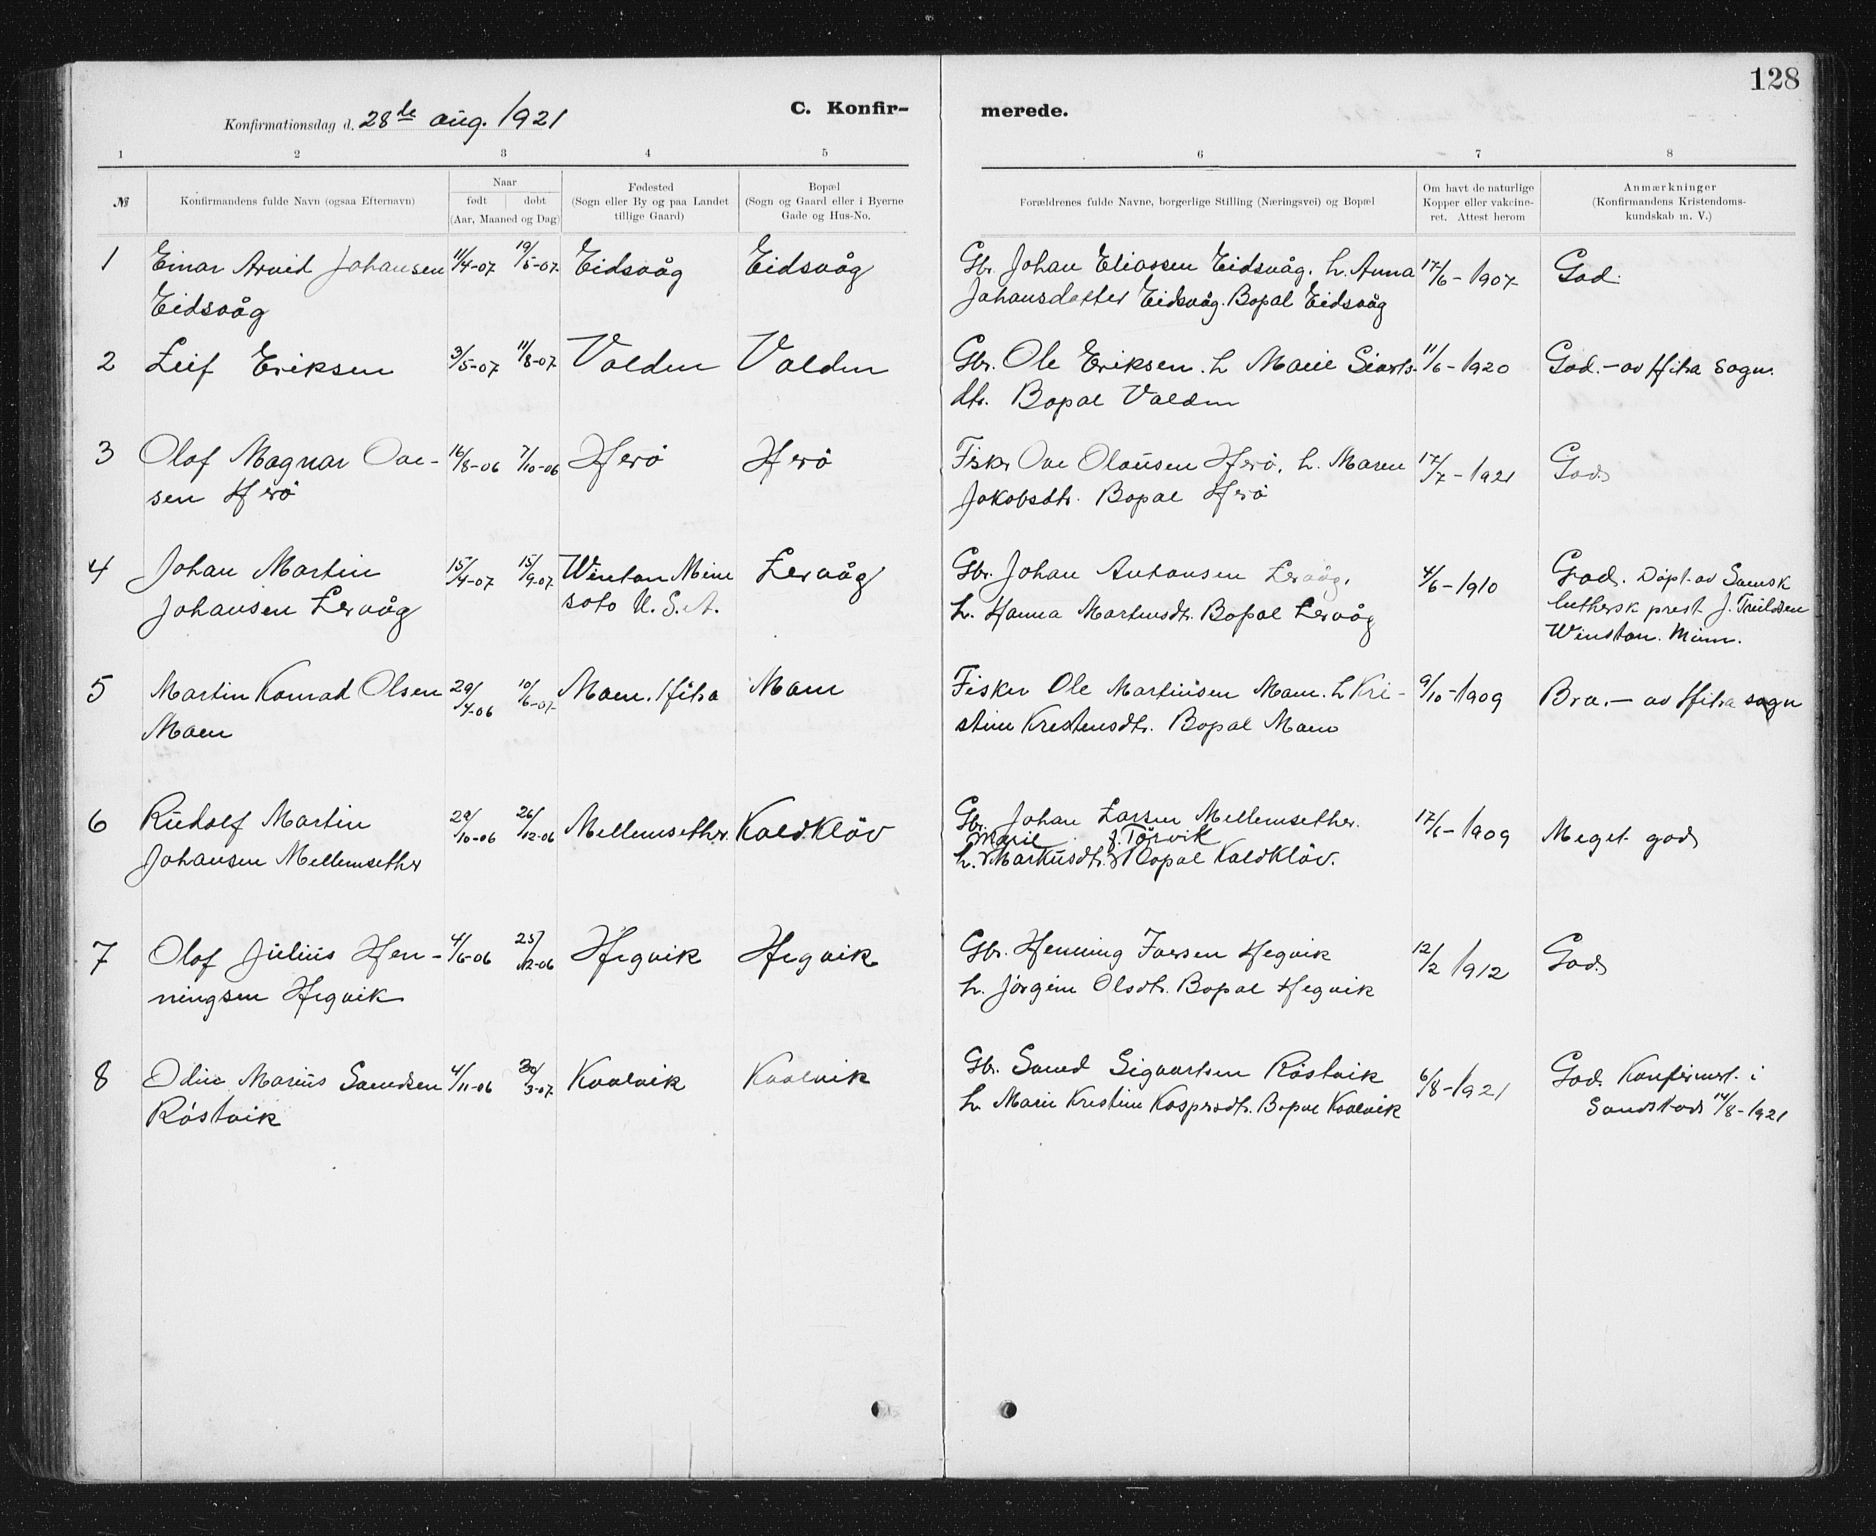 SAT, Ministerialprotokoller, klokkerbøker og fødselsregistre - Sør-Trøndelag, 637/L0563: Klokkerbok nr. 637C04, 1899-1940, s. 128